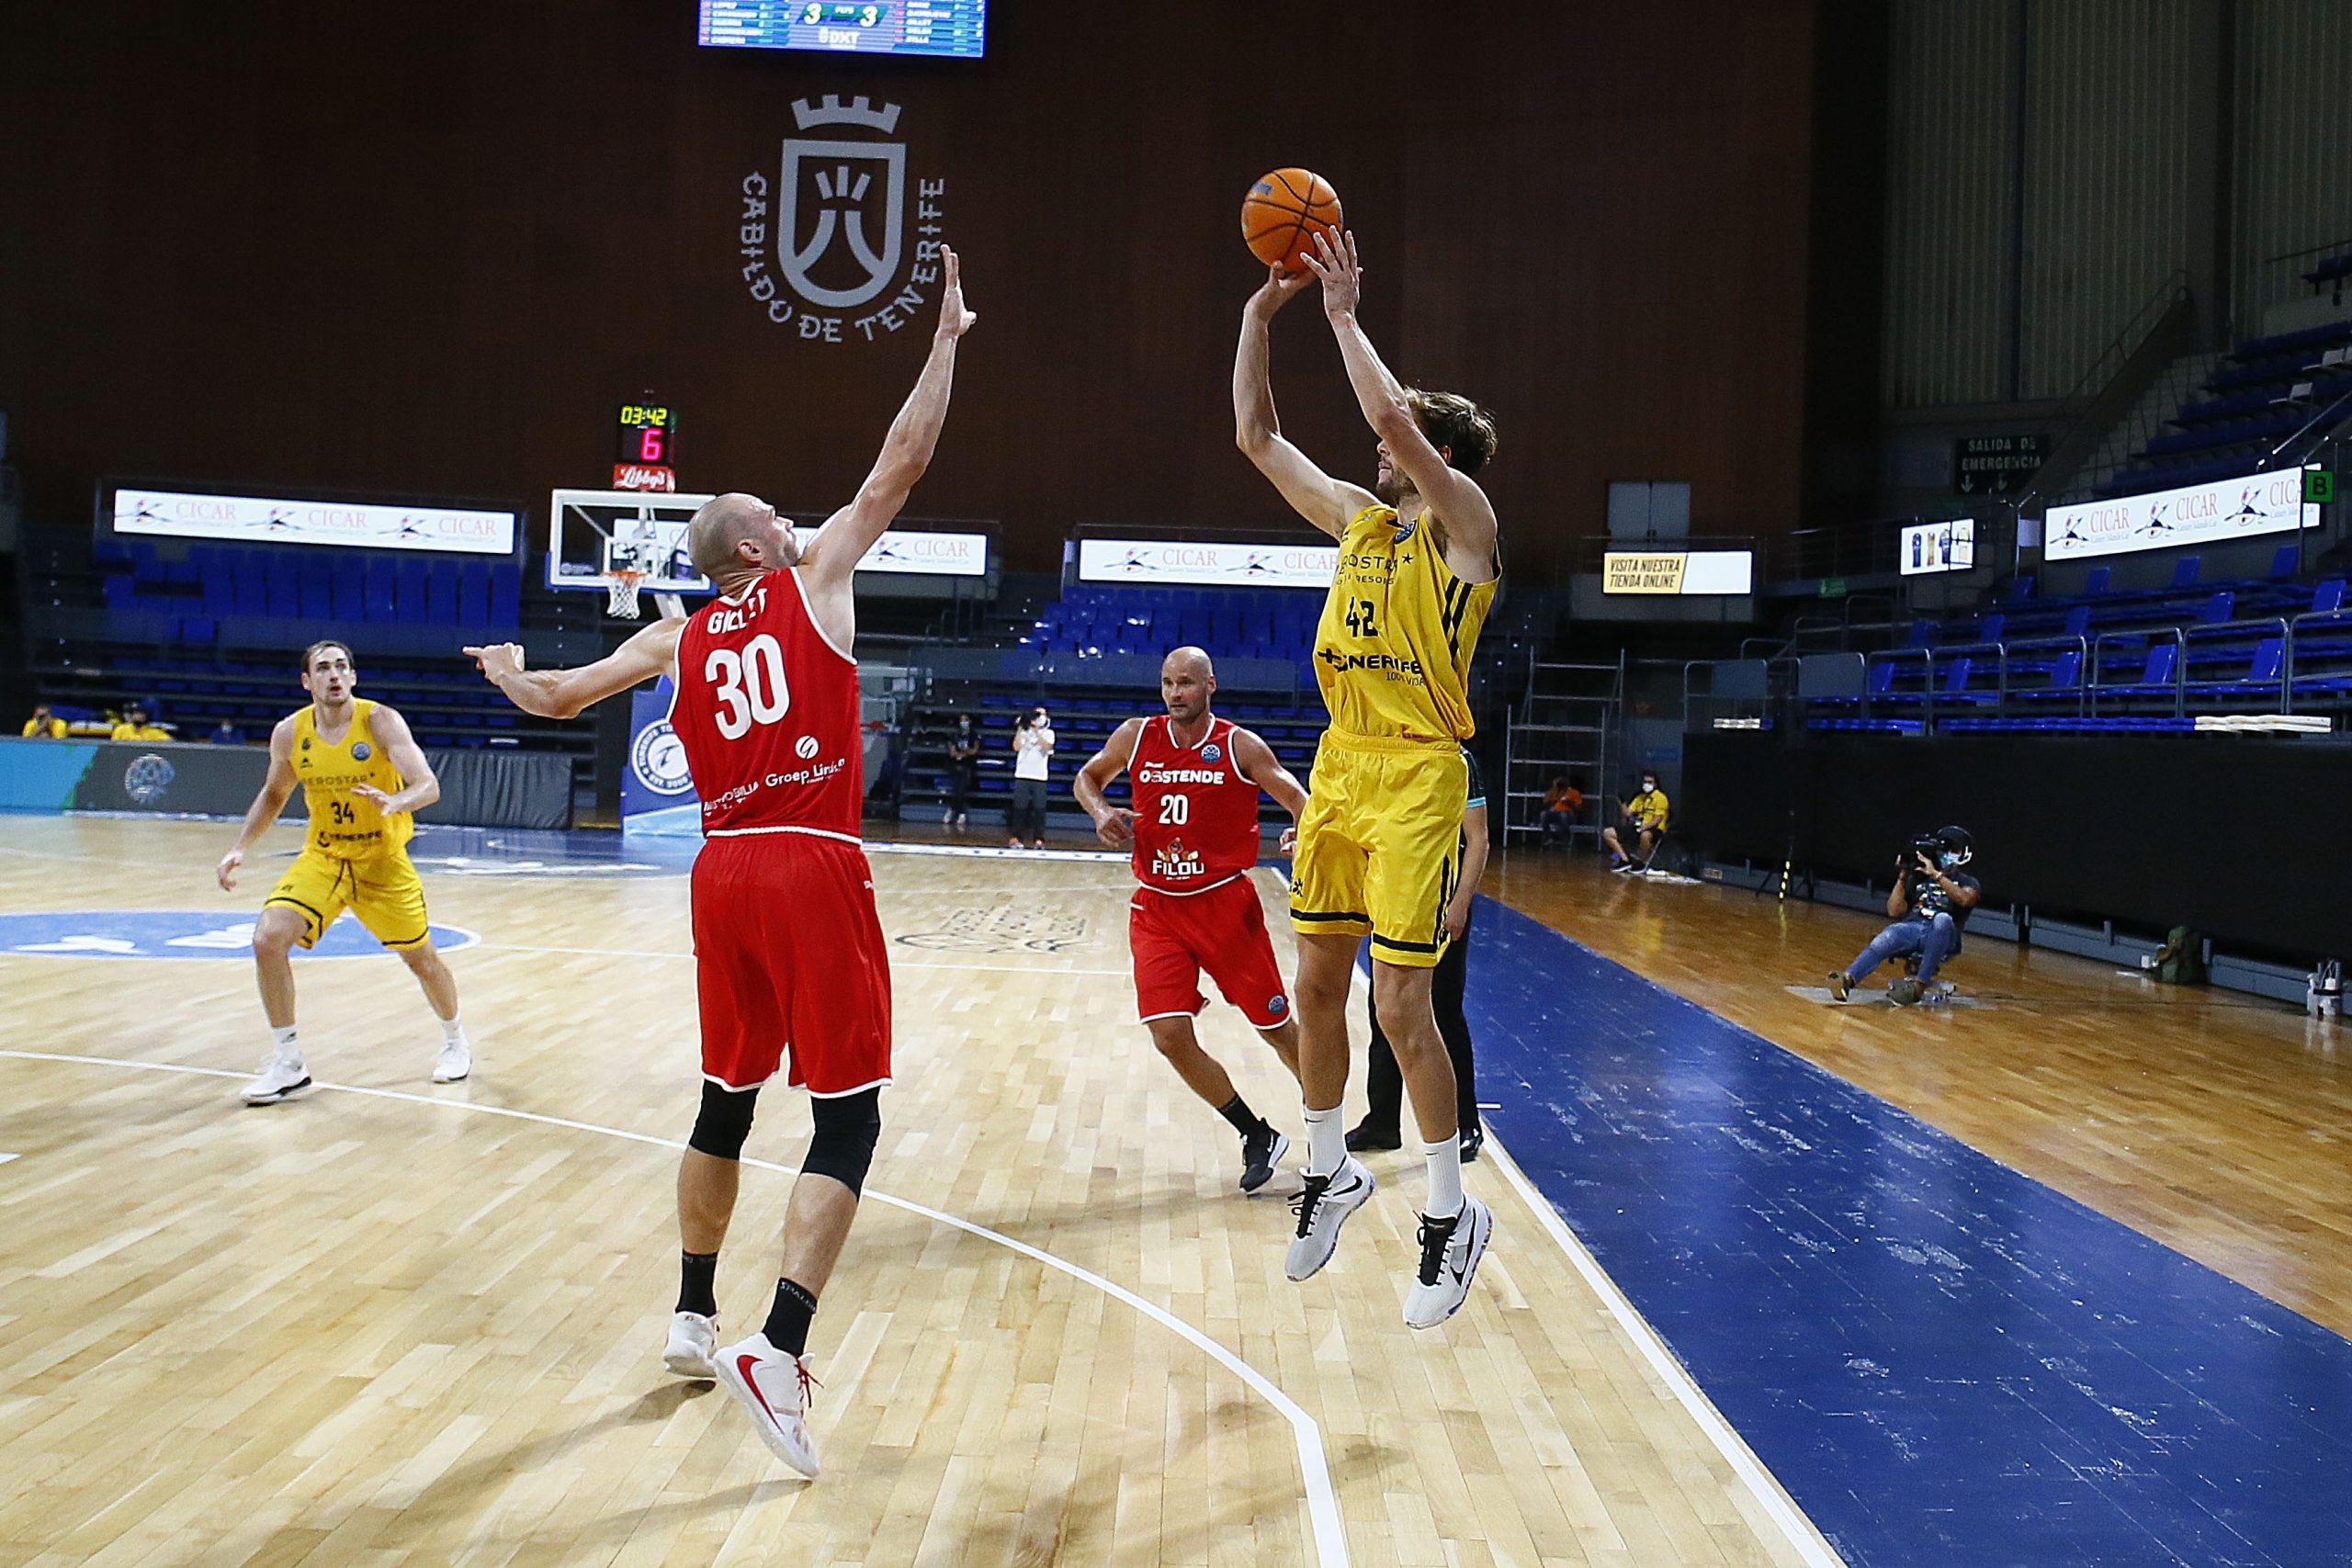 La actuación en el tercer cuarto envía a los aurinegros a la 'Final Eight' de Atenas